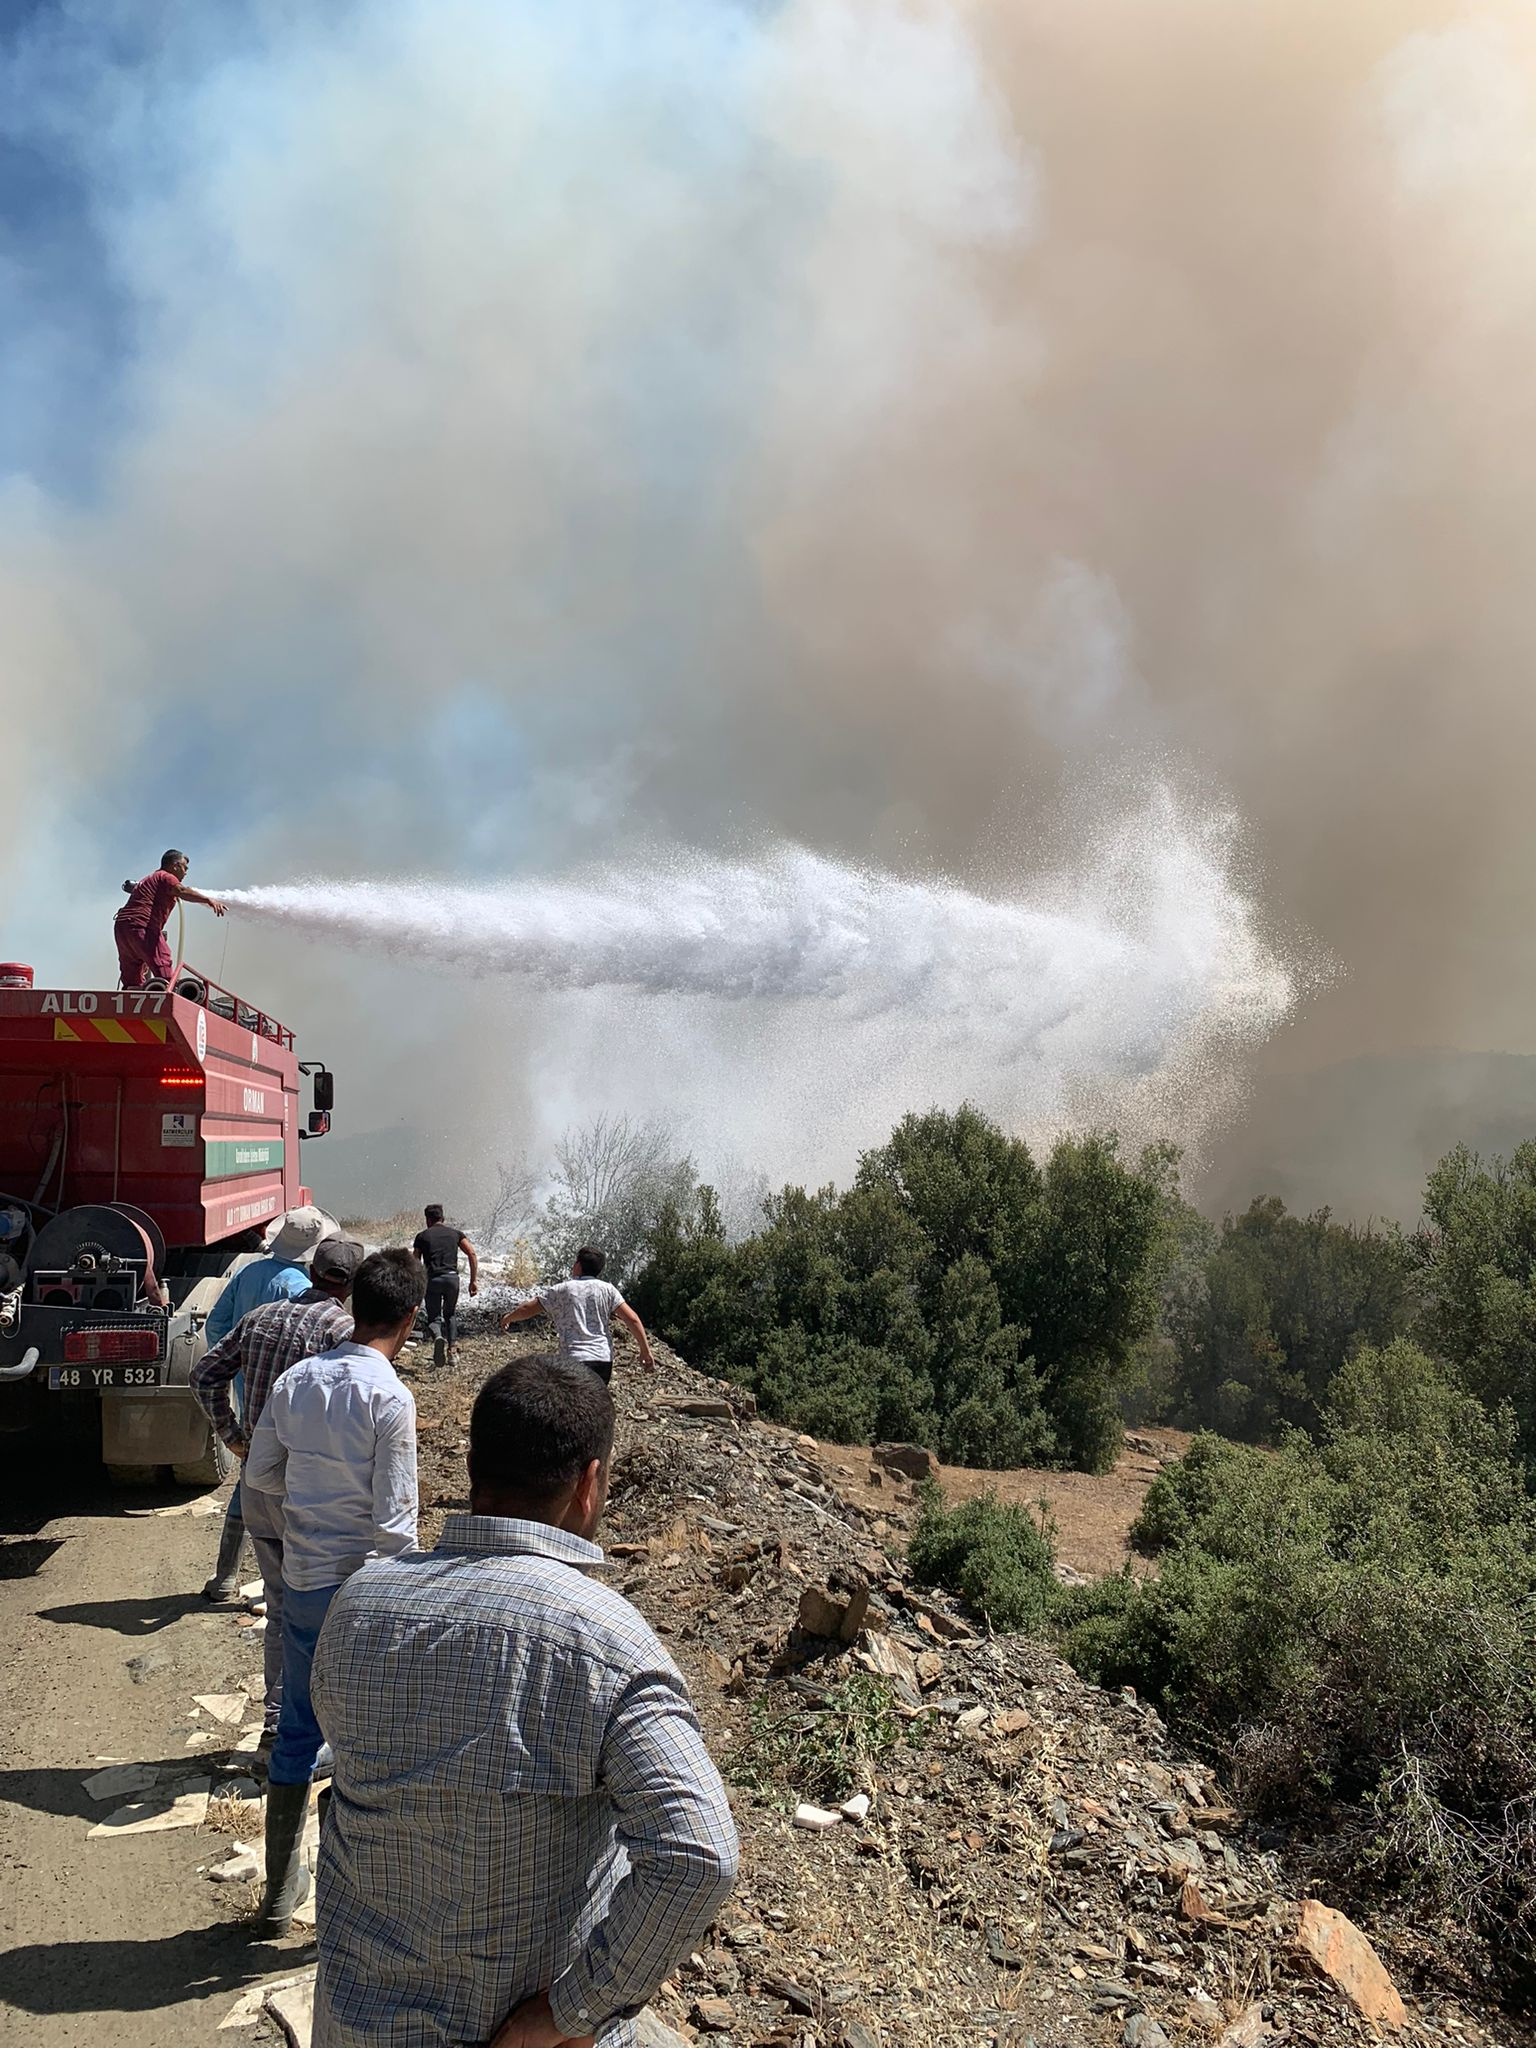 Muğla'nın Kavaklıdere ilçesinde orman yangını çıktı